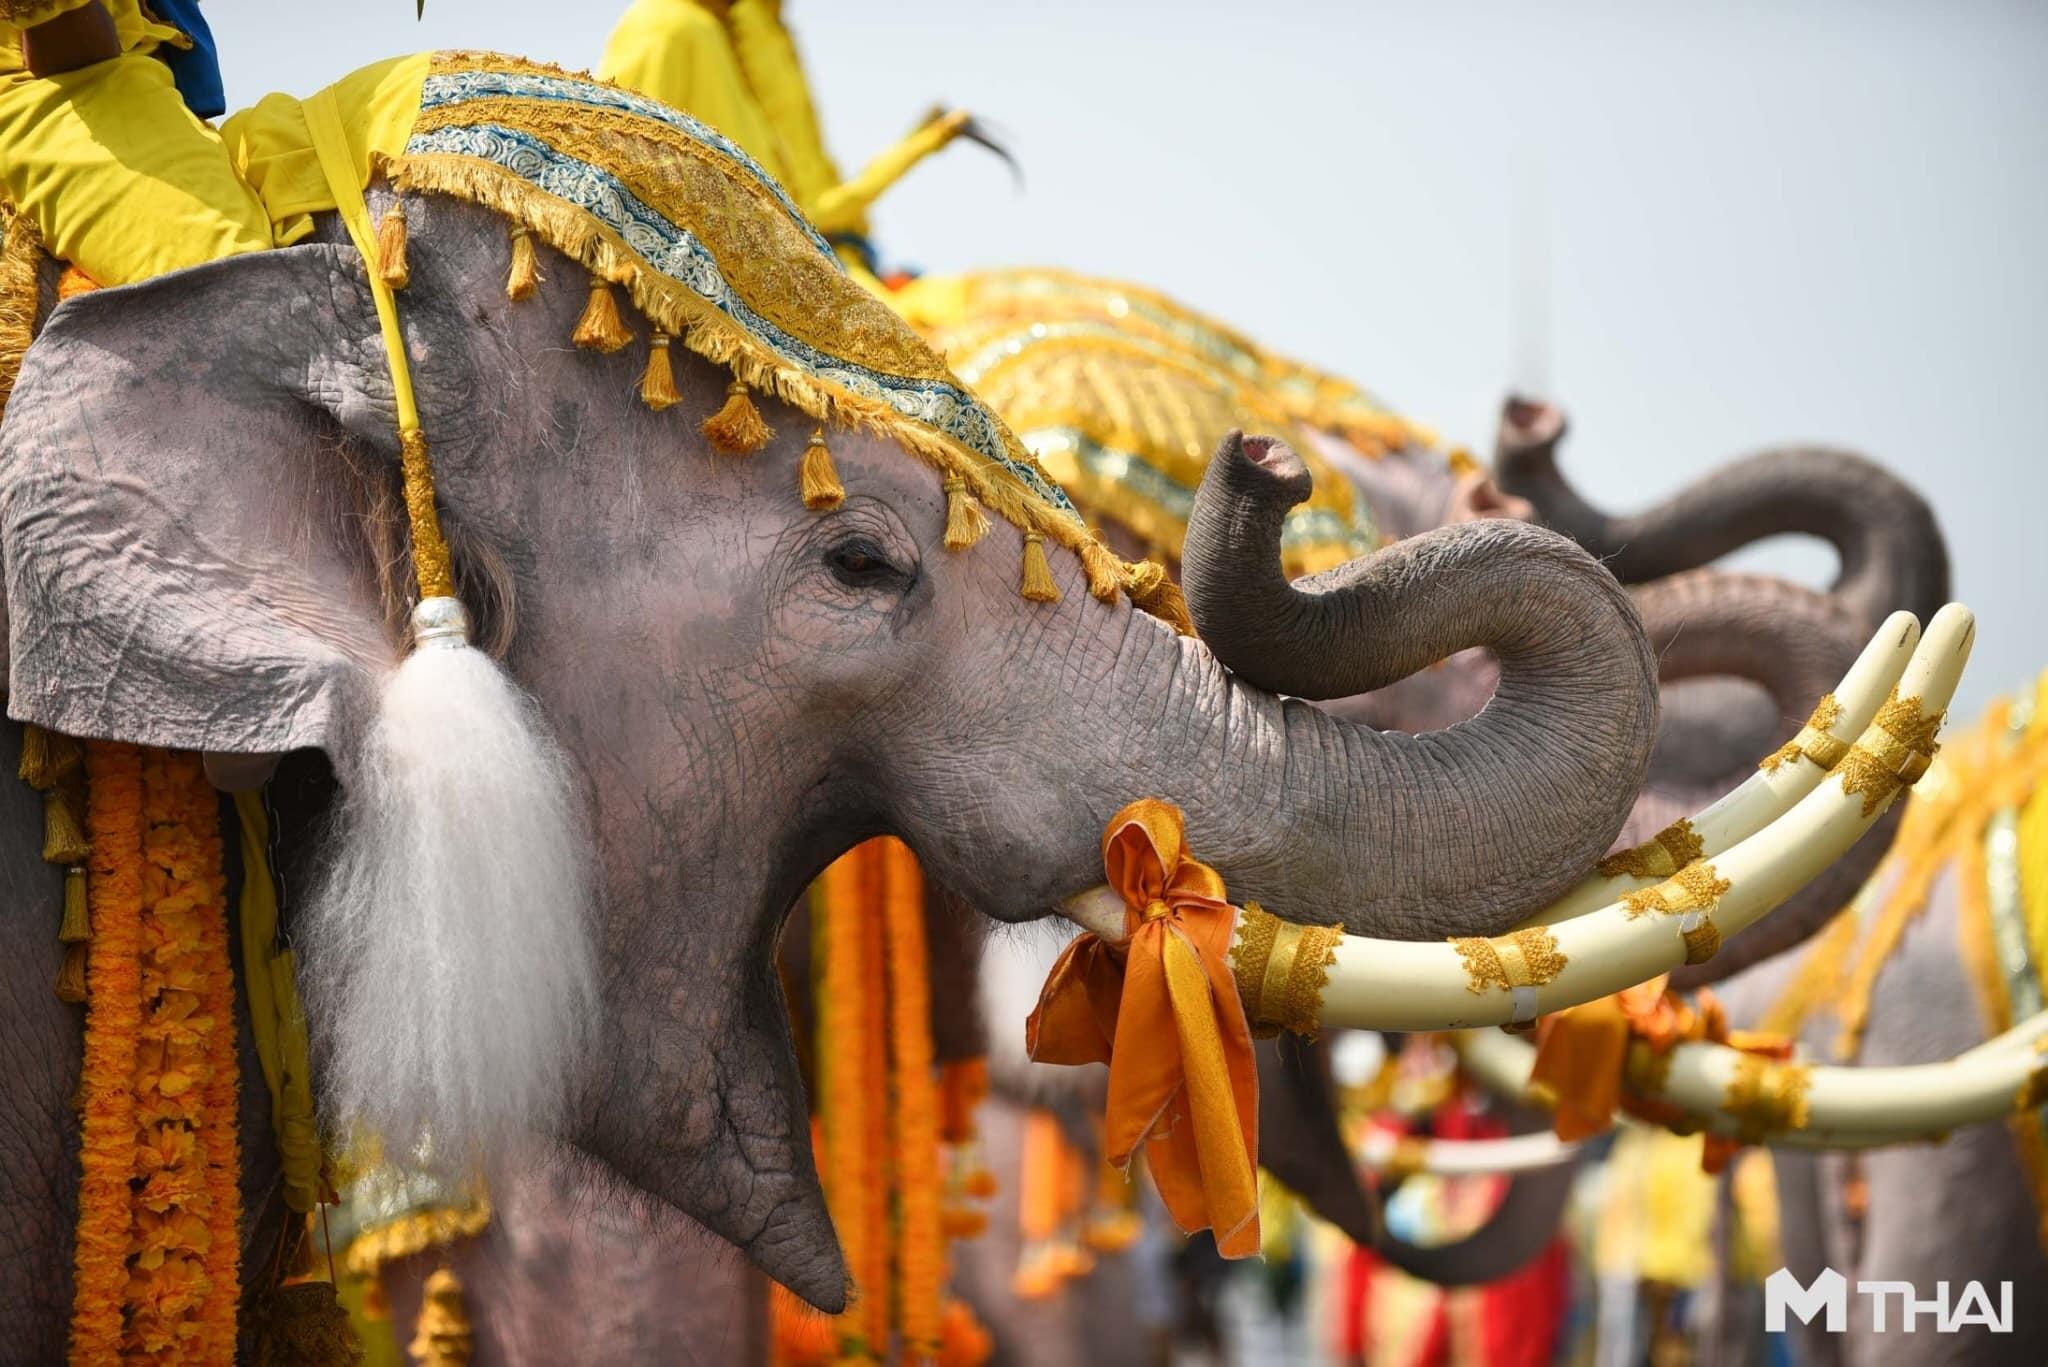 ช้าง พิธีบรมราชาภิเษก เทิดพระเกียรติ ในหลวงรัชกาลที่ 10